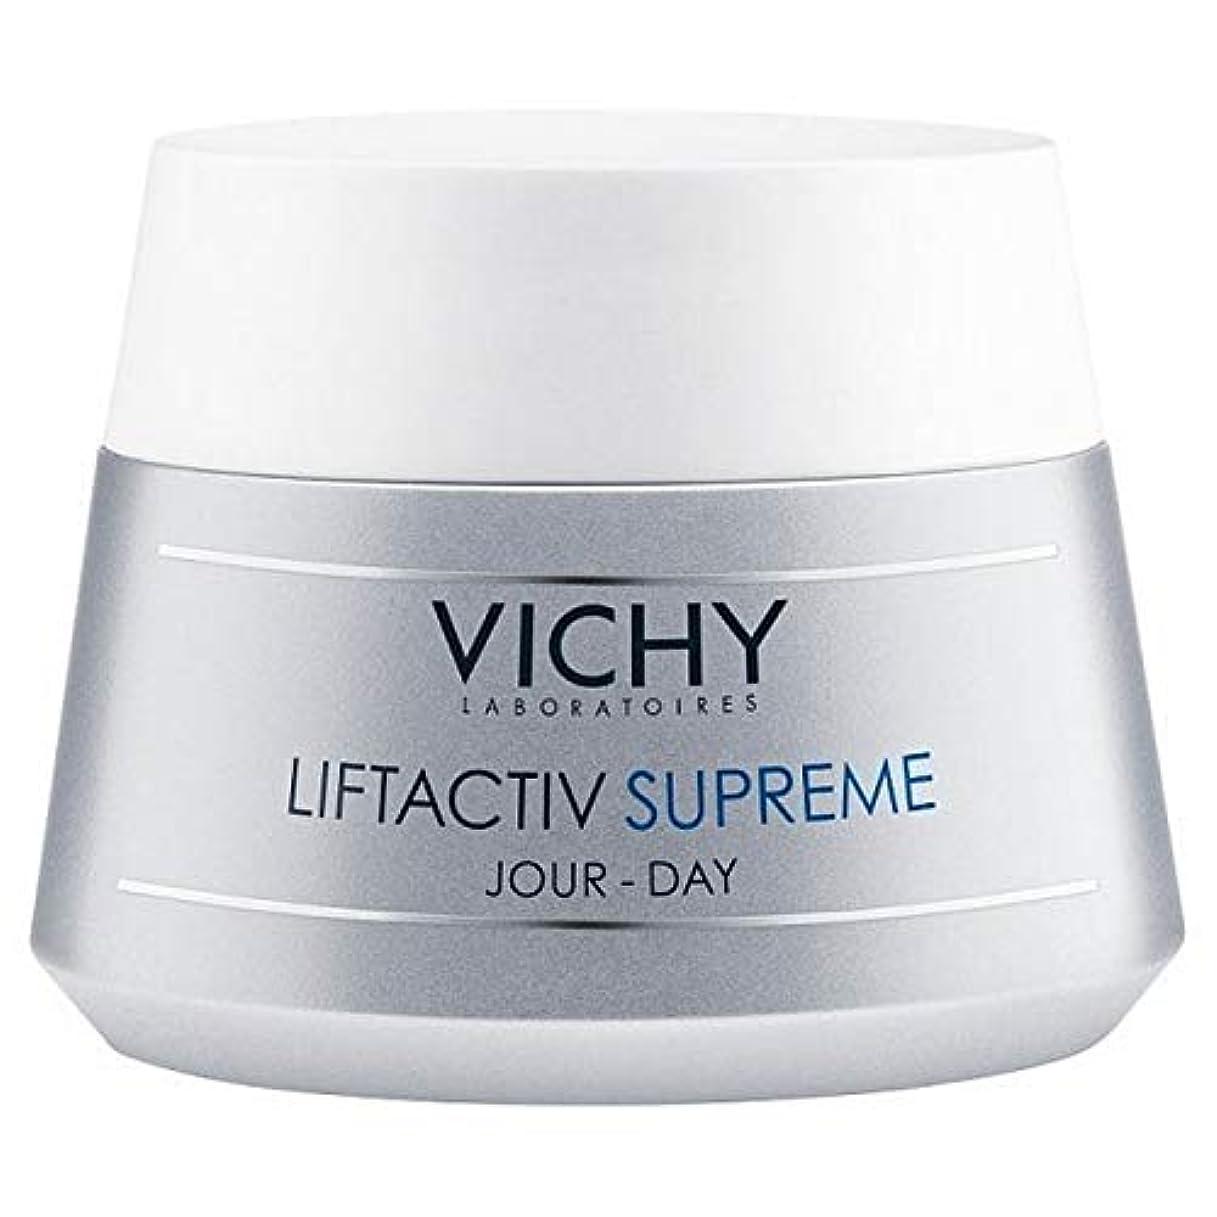 出席する告白する電話をかける[Vichy ] 最高の顔デイクリームN / Cの皮膚50ミリリットルLiftactivヴィシー - Vichy LiftActiv Supreme Face Day Cream N/C Skin 50ml [並行輸入品]